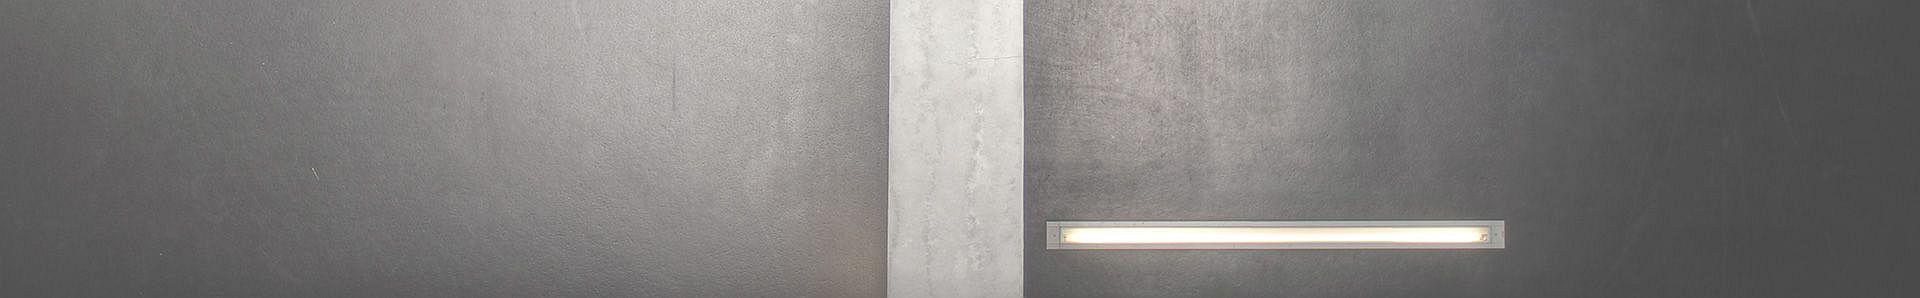 минималистичен бетонов фон